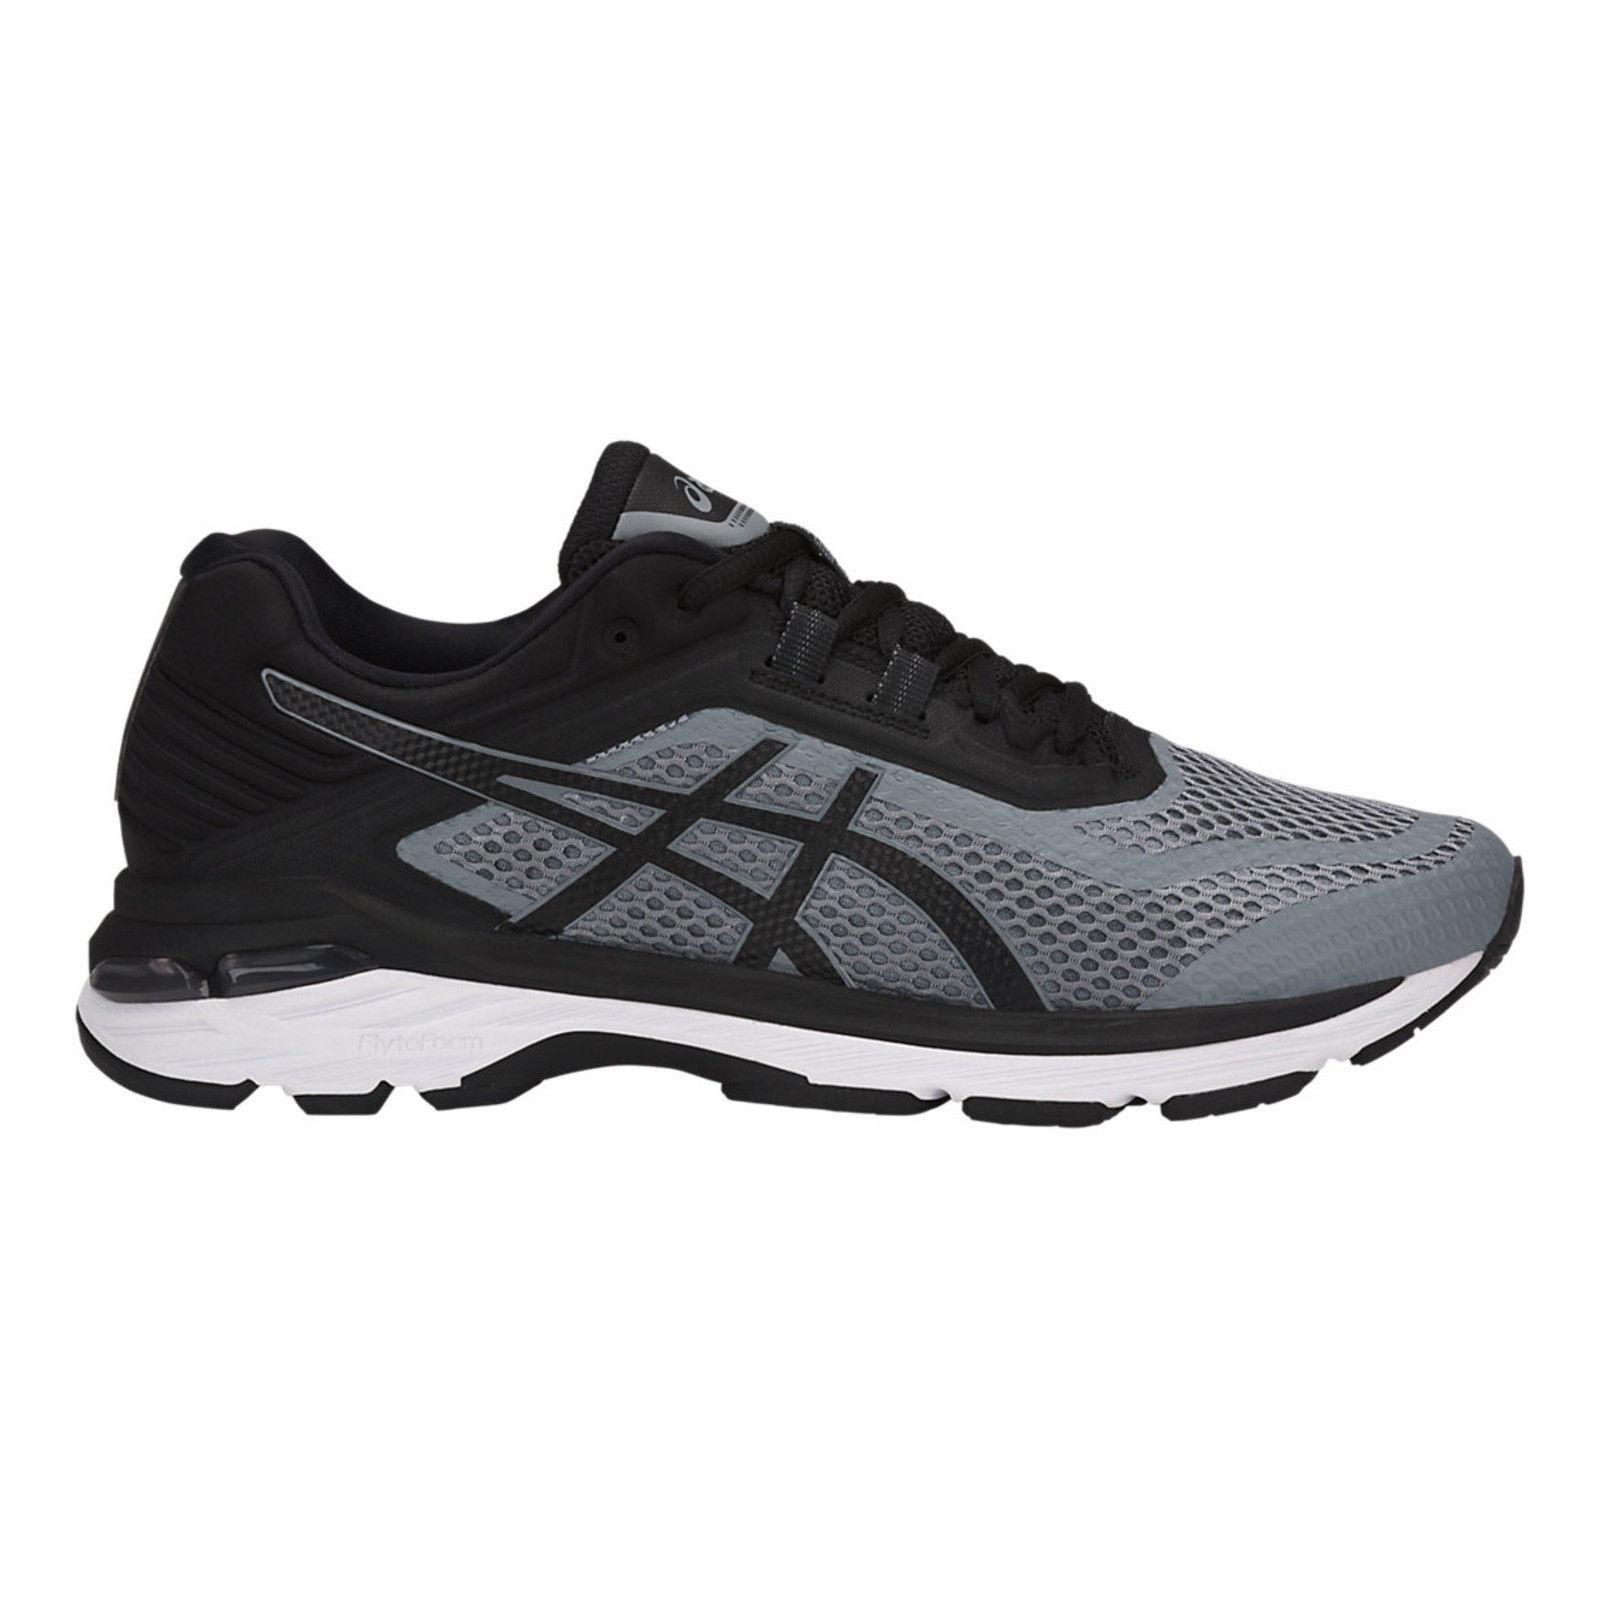 Asics GT-2000 6 Men's T806N.1190 Stone Grey Black White Running shoes (2E) US 11